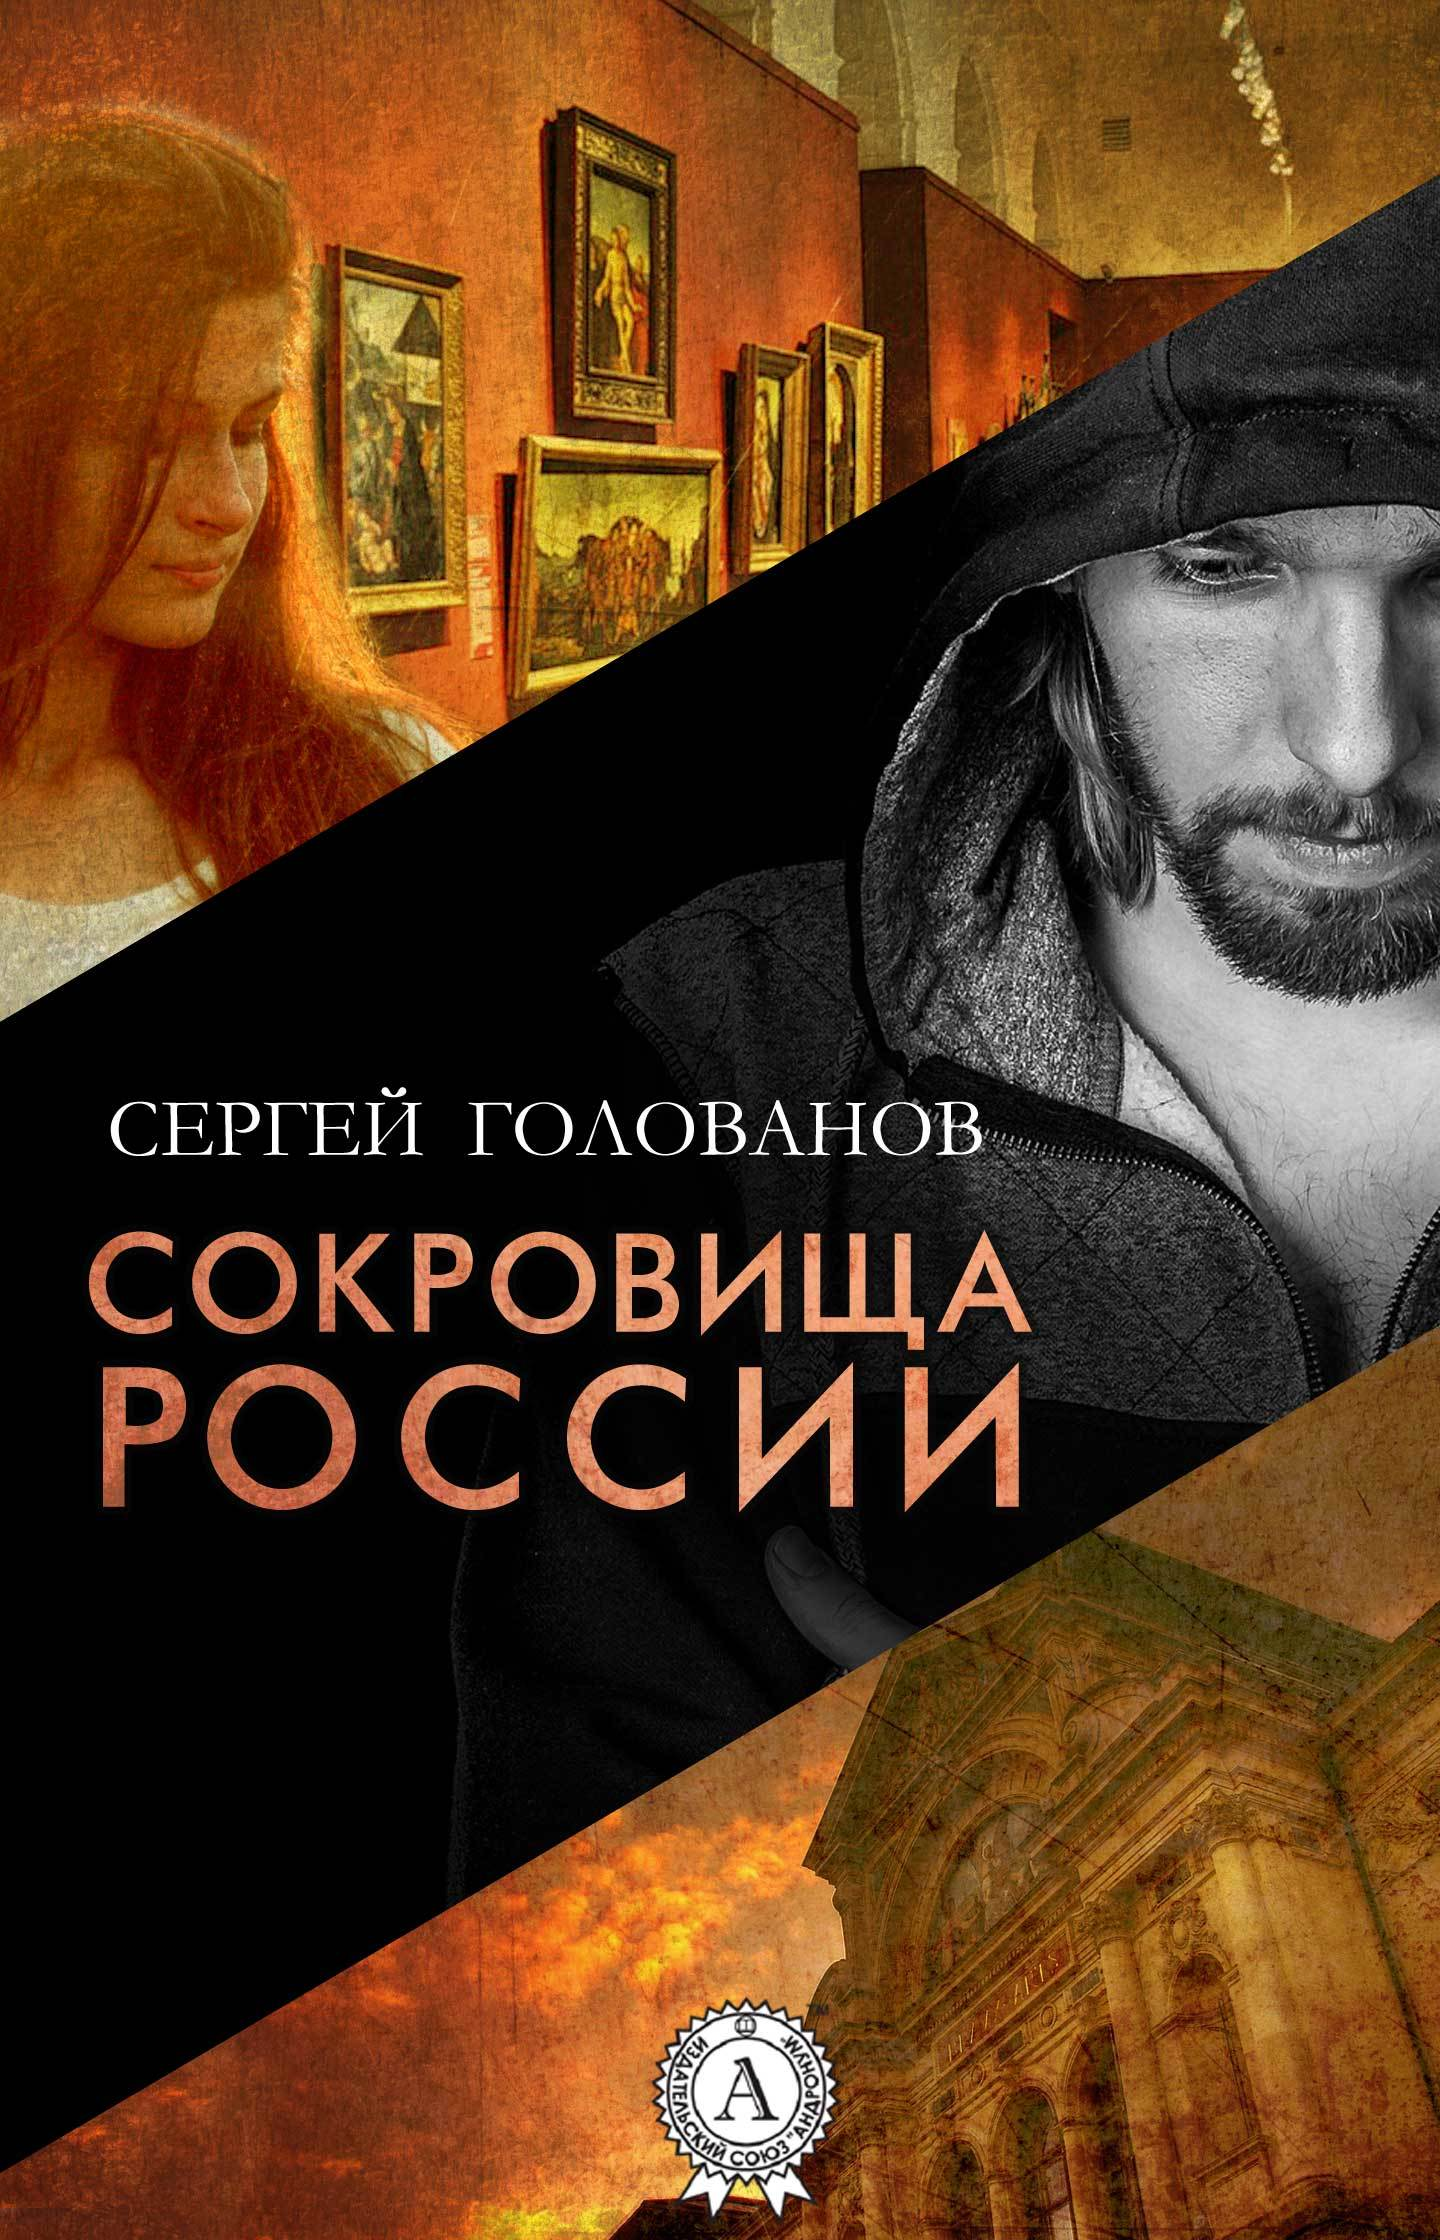 Сергей Голованов бесплатно